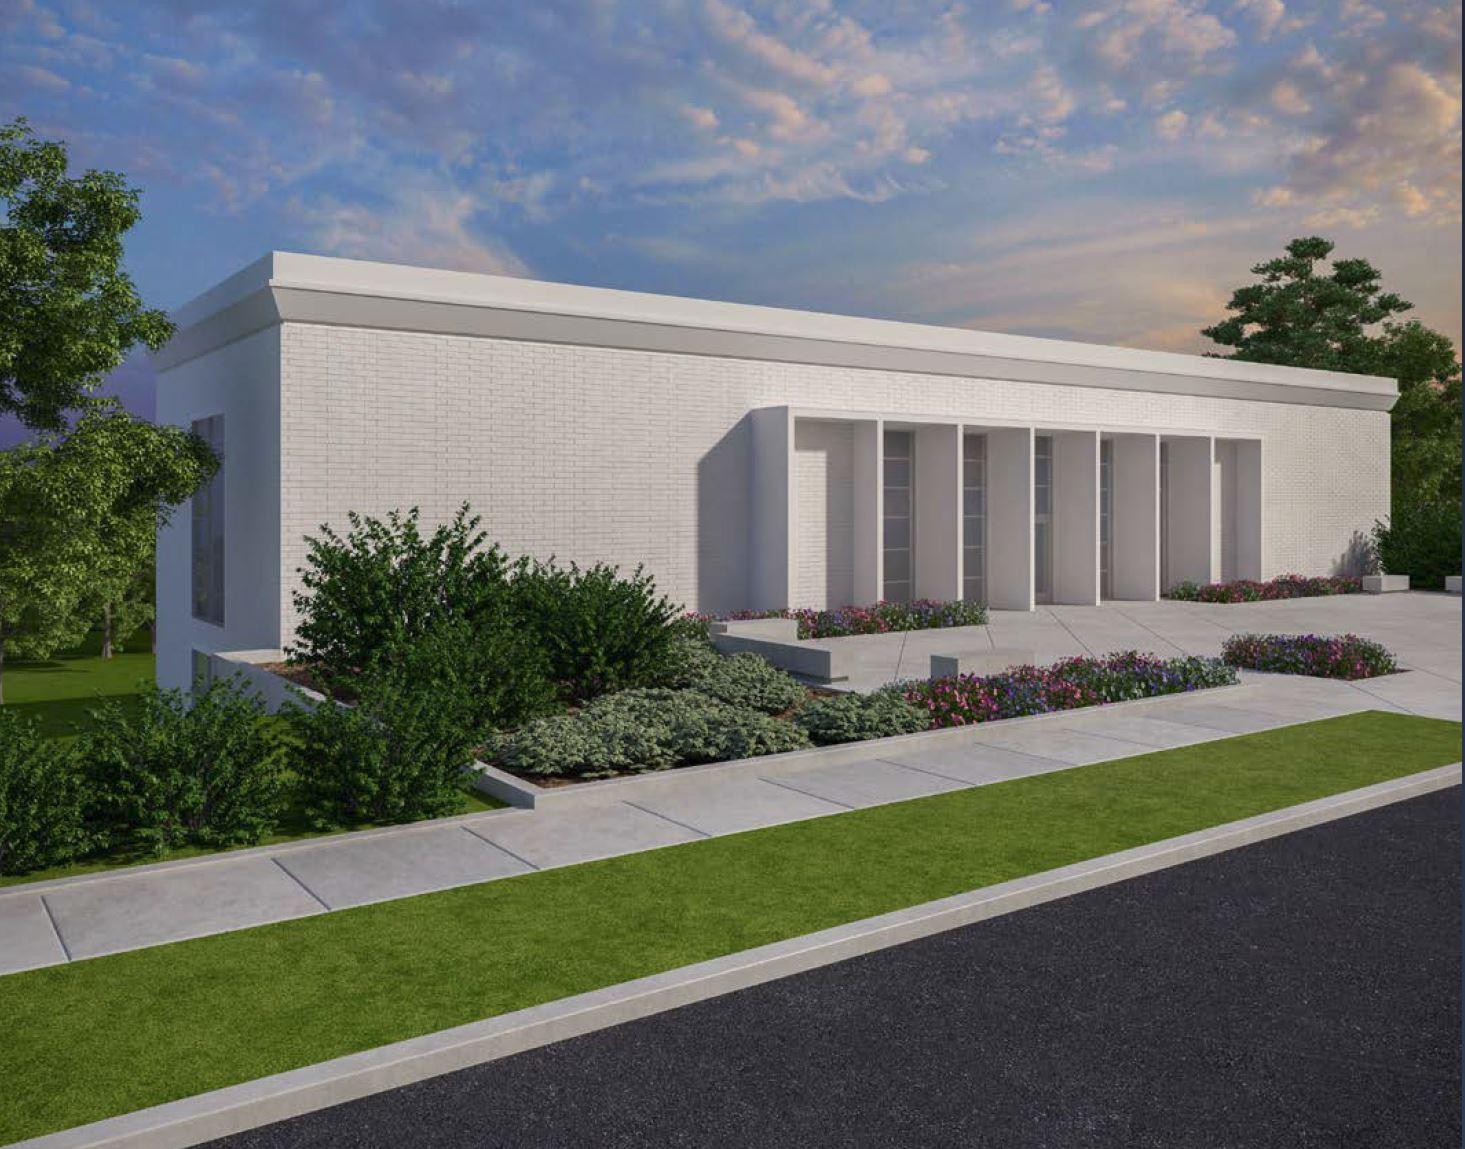 Hamilton Visitor's Centre rendering.